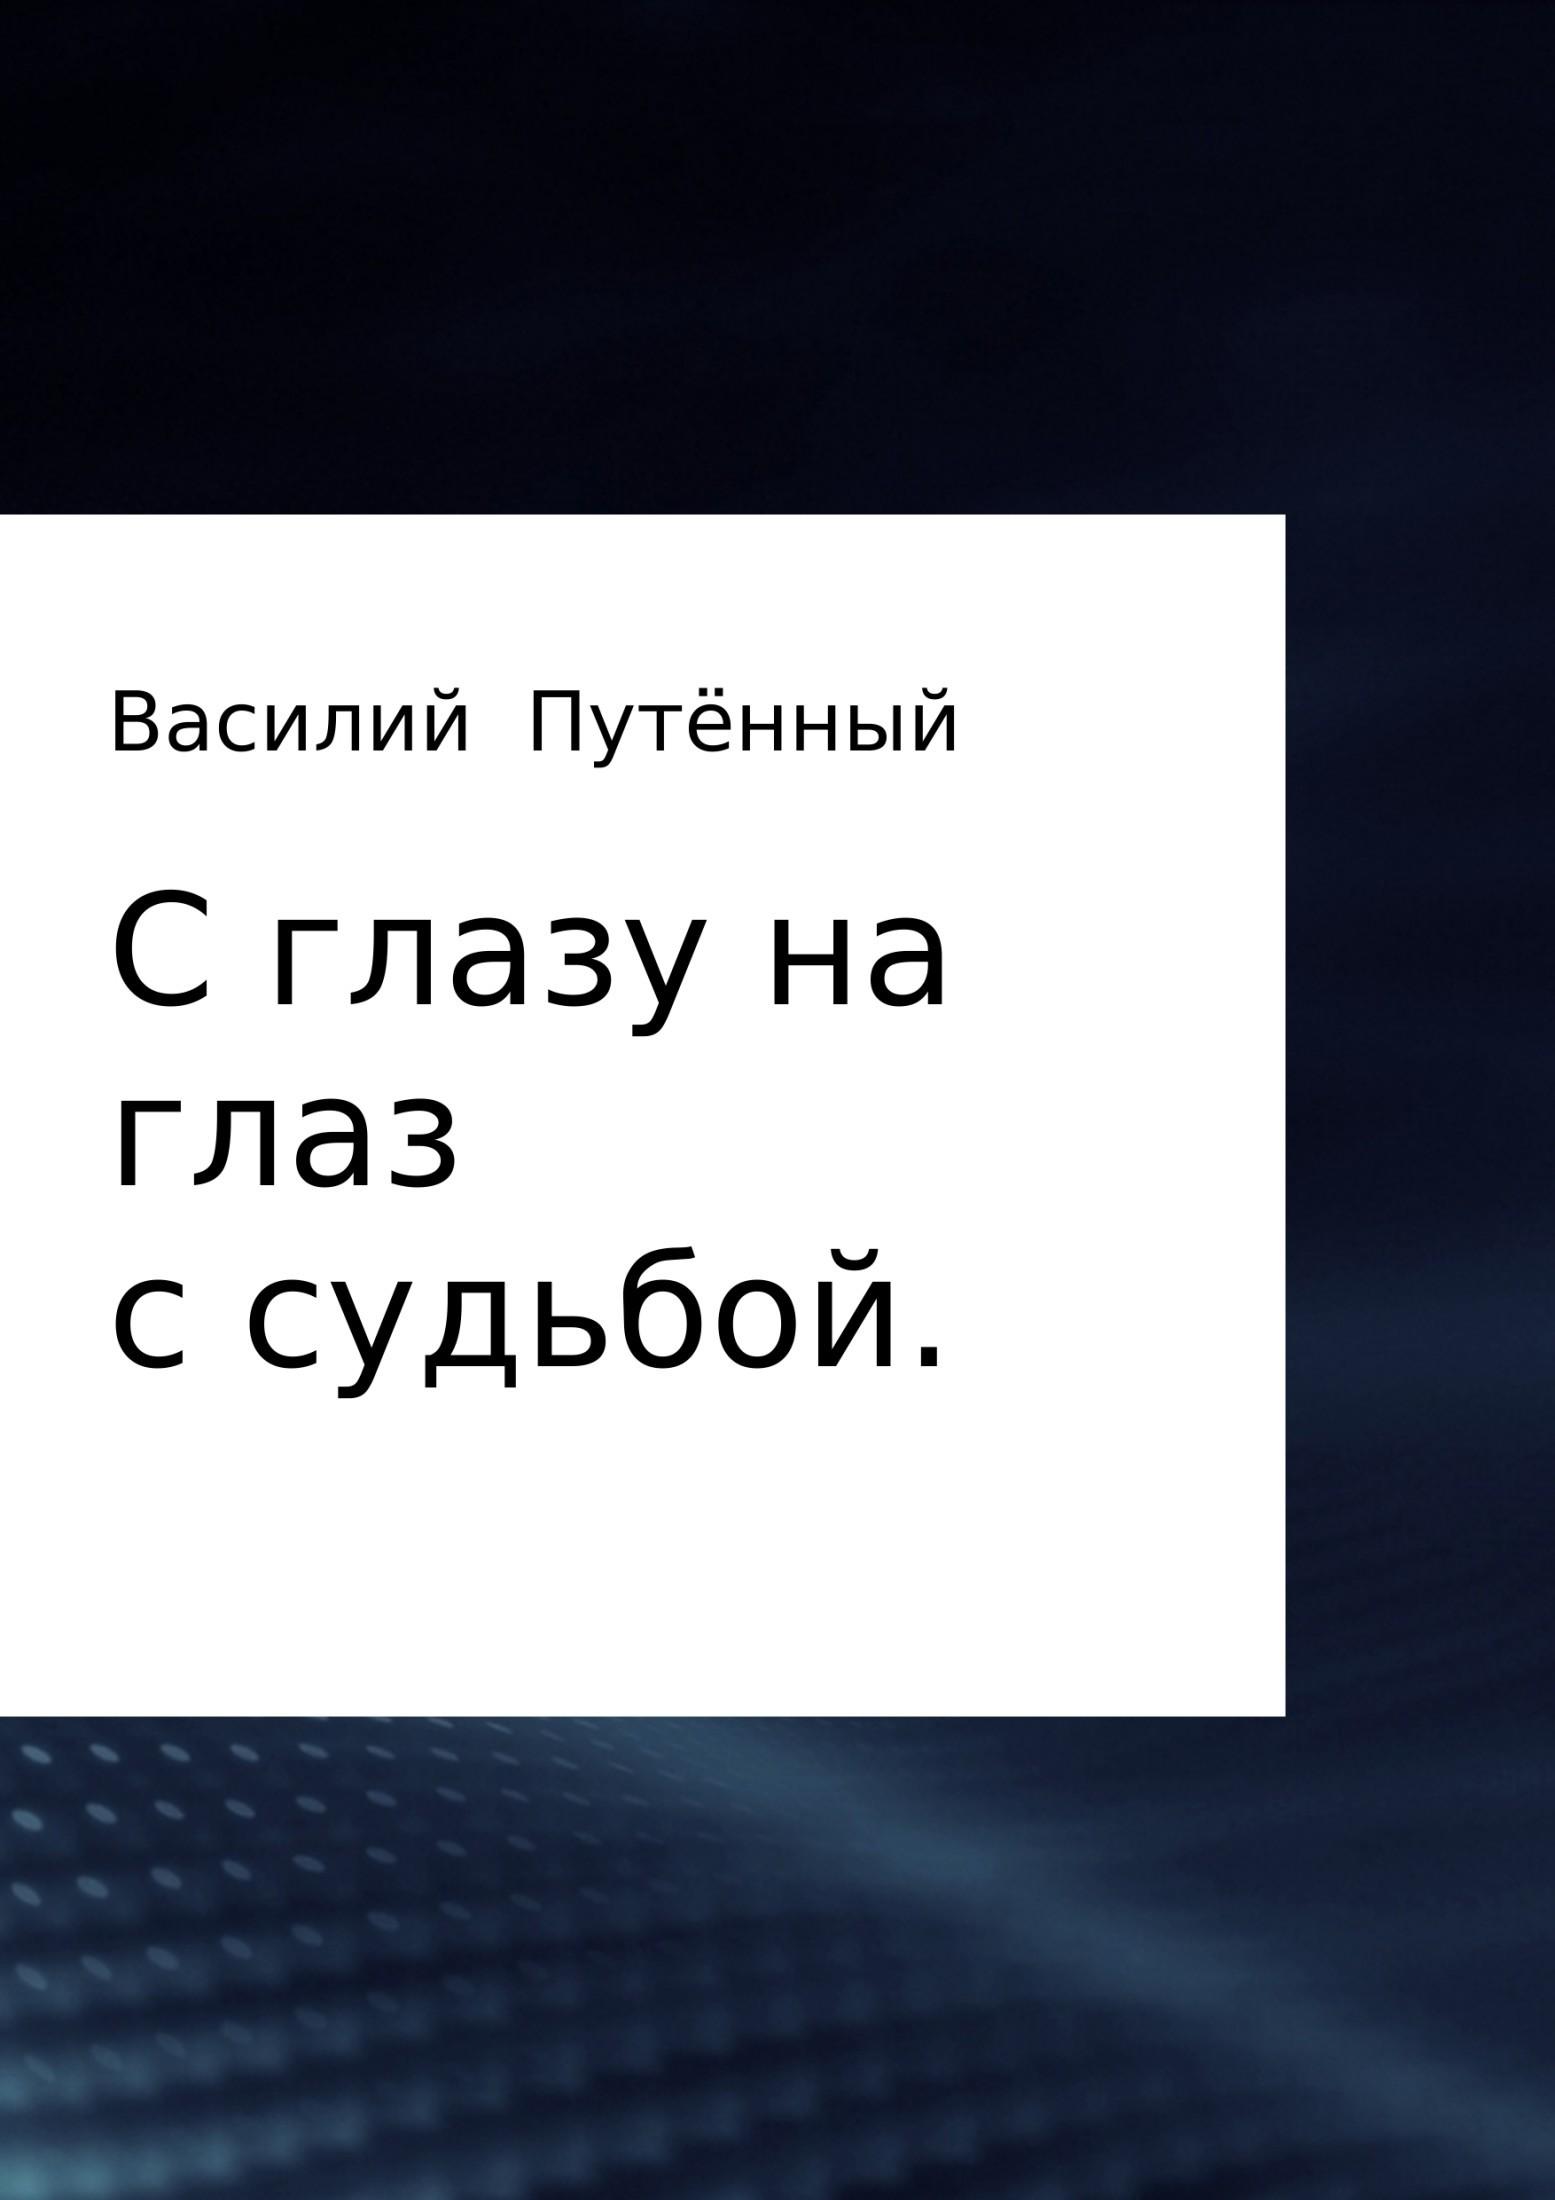 Василий Васильевич Путённый С глазу на глаз с судьбой